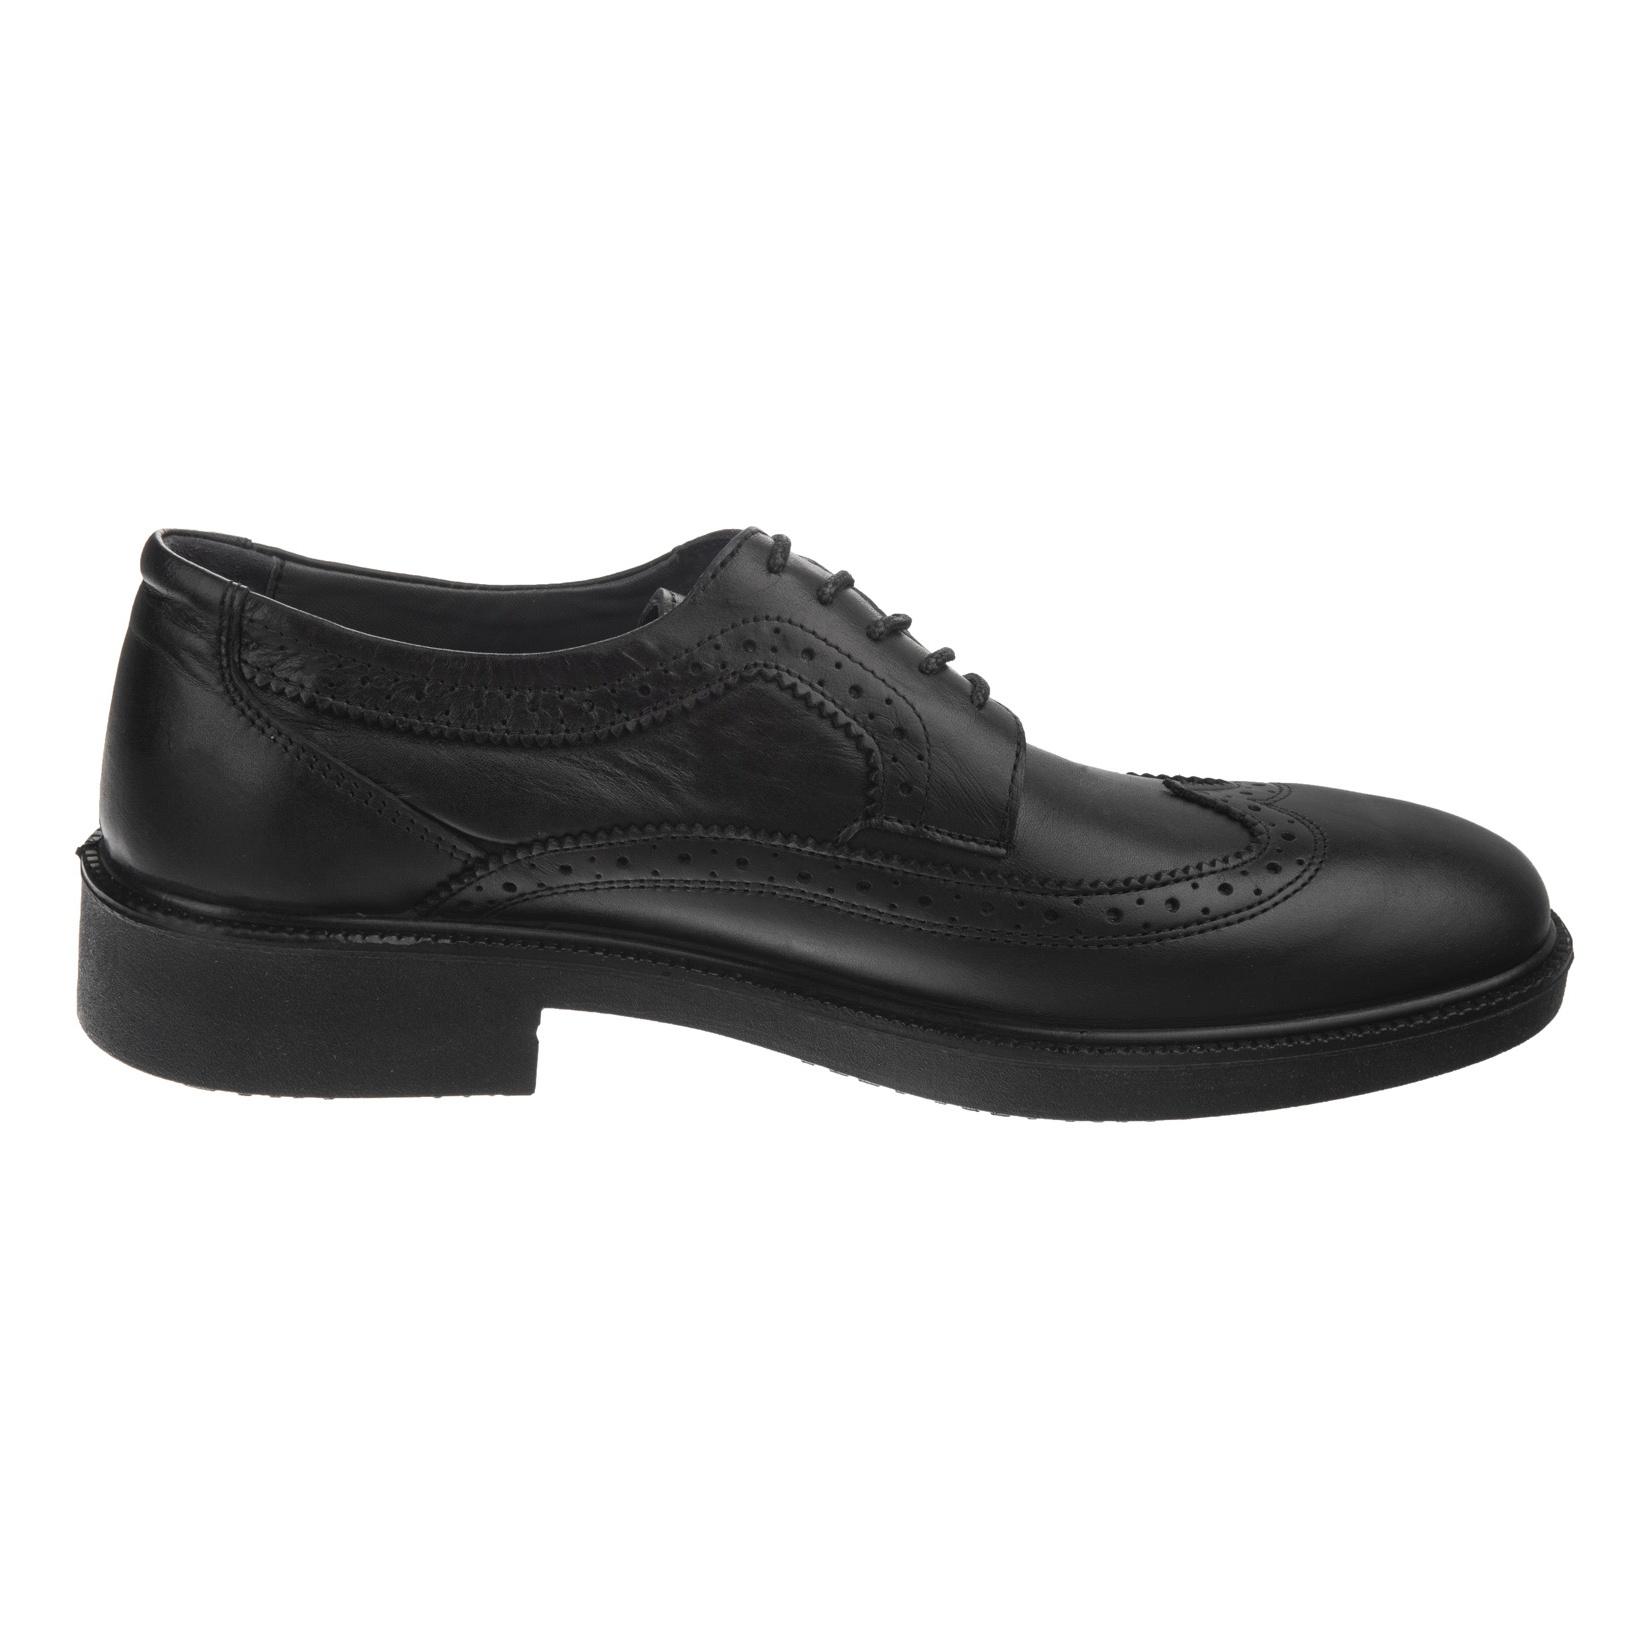 کفش مردانه شیفر مدل 7226A-101